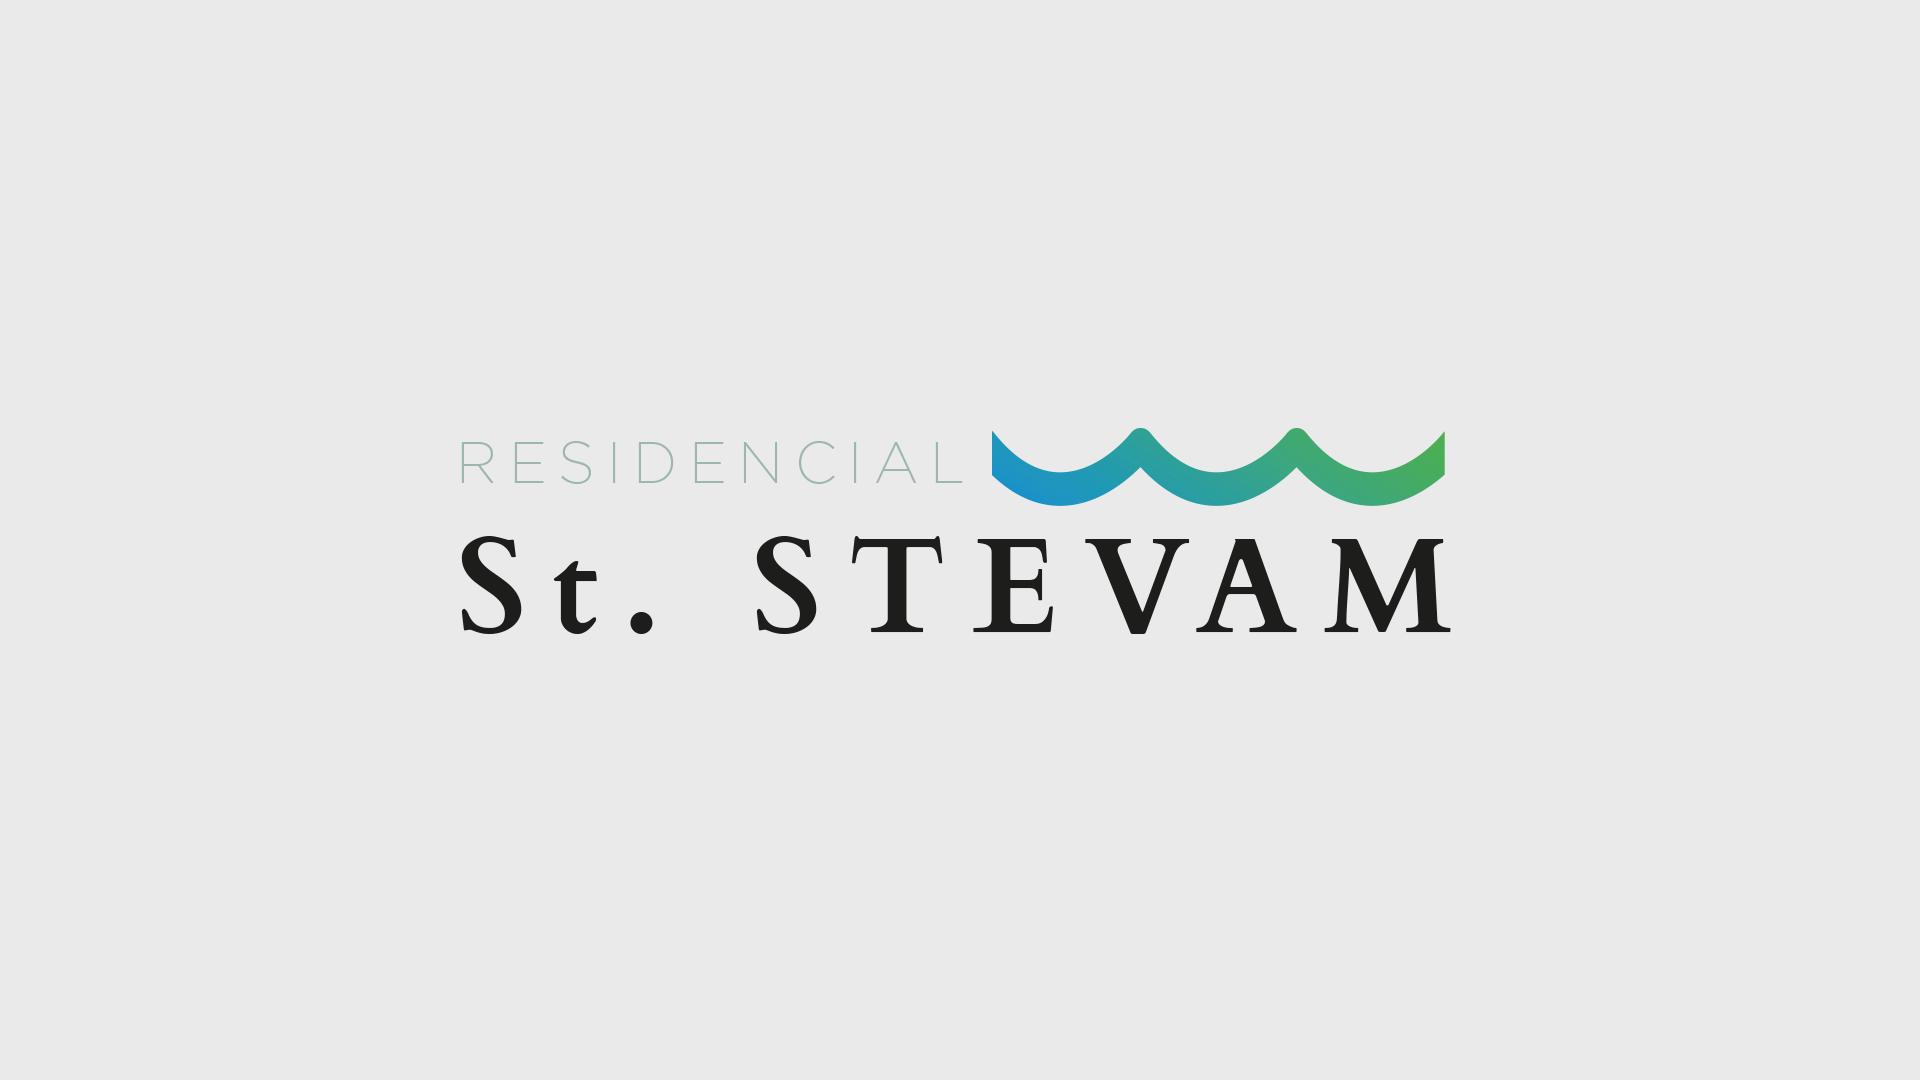 ststevam-01-04